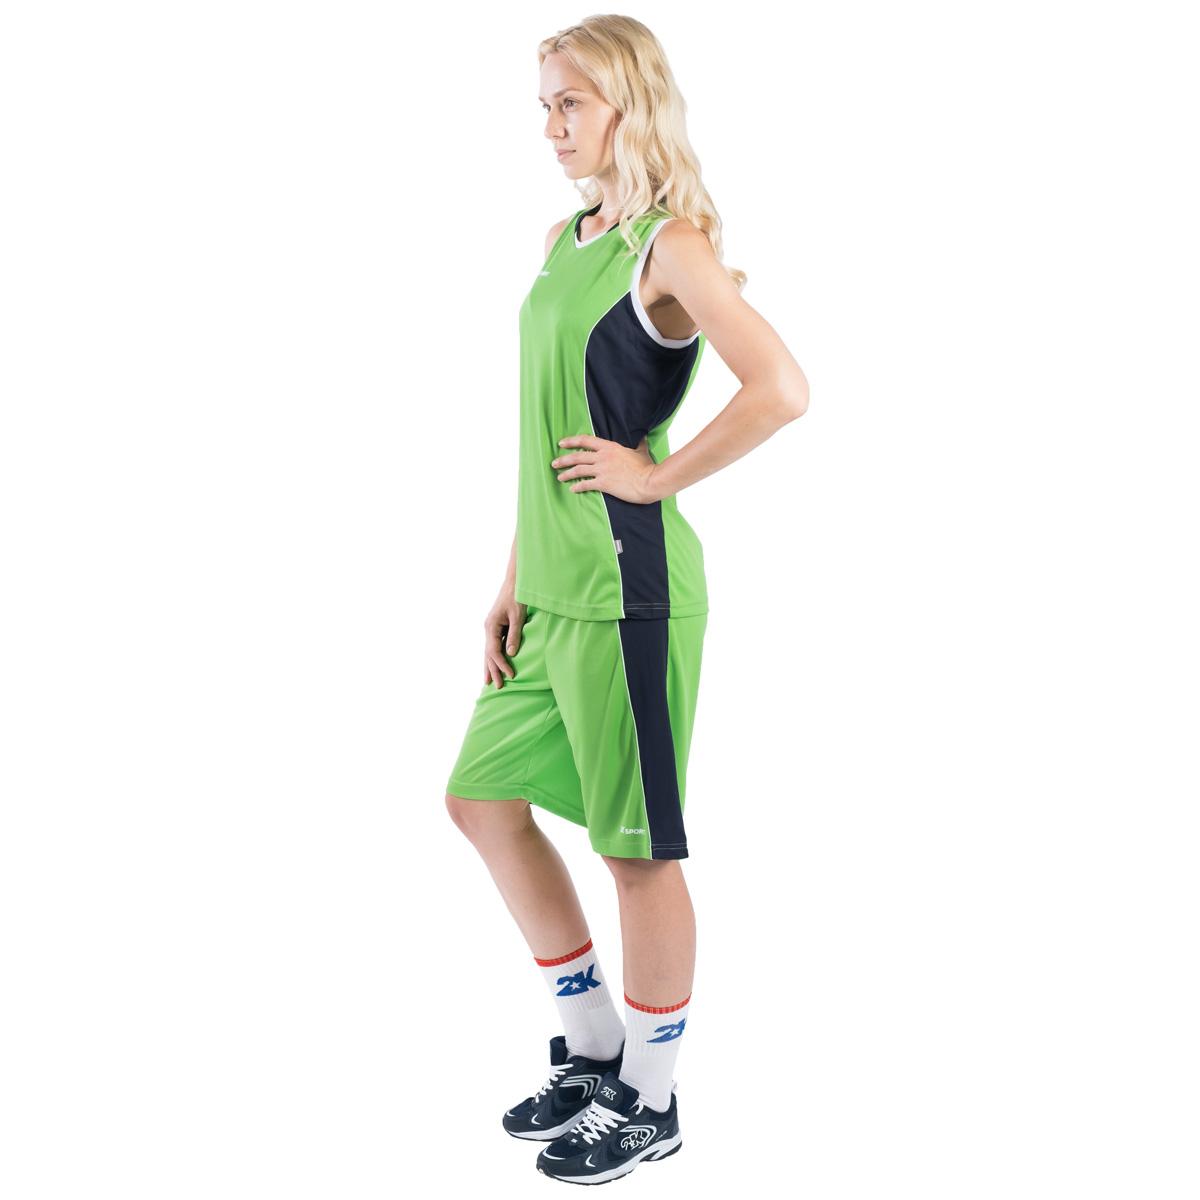 Шорты баскетбольные женские 2K Sport Advance, цвет:  светло-зеленый, темно-синий, белый.  130033.  Размер M (44/46) 2K Sport